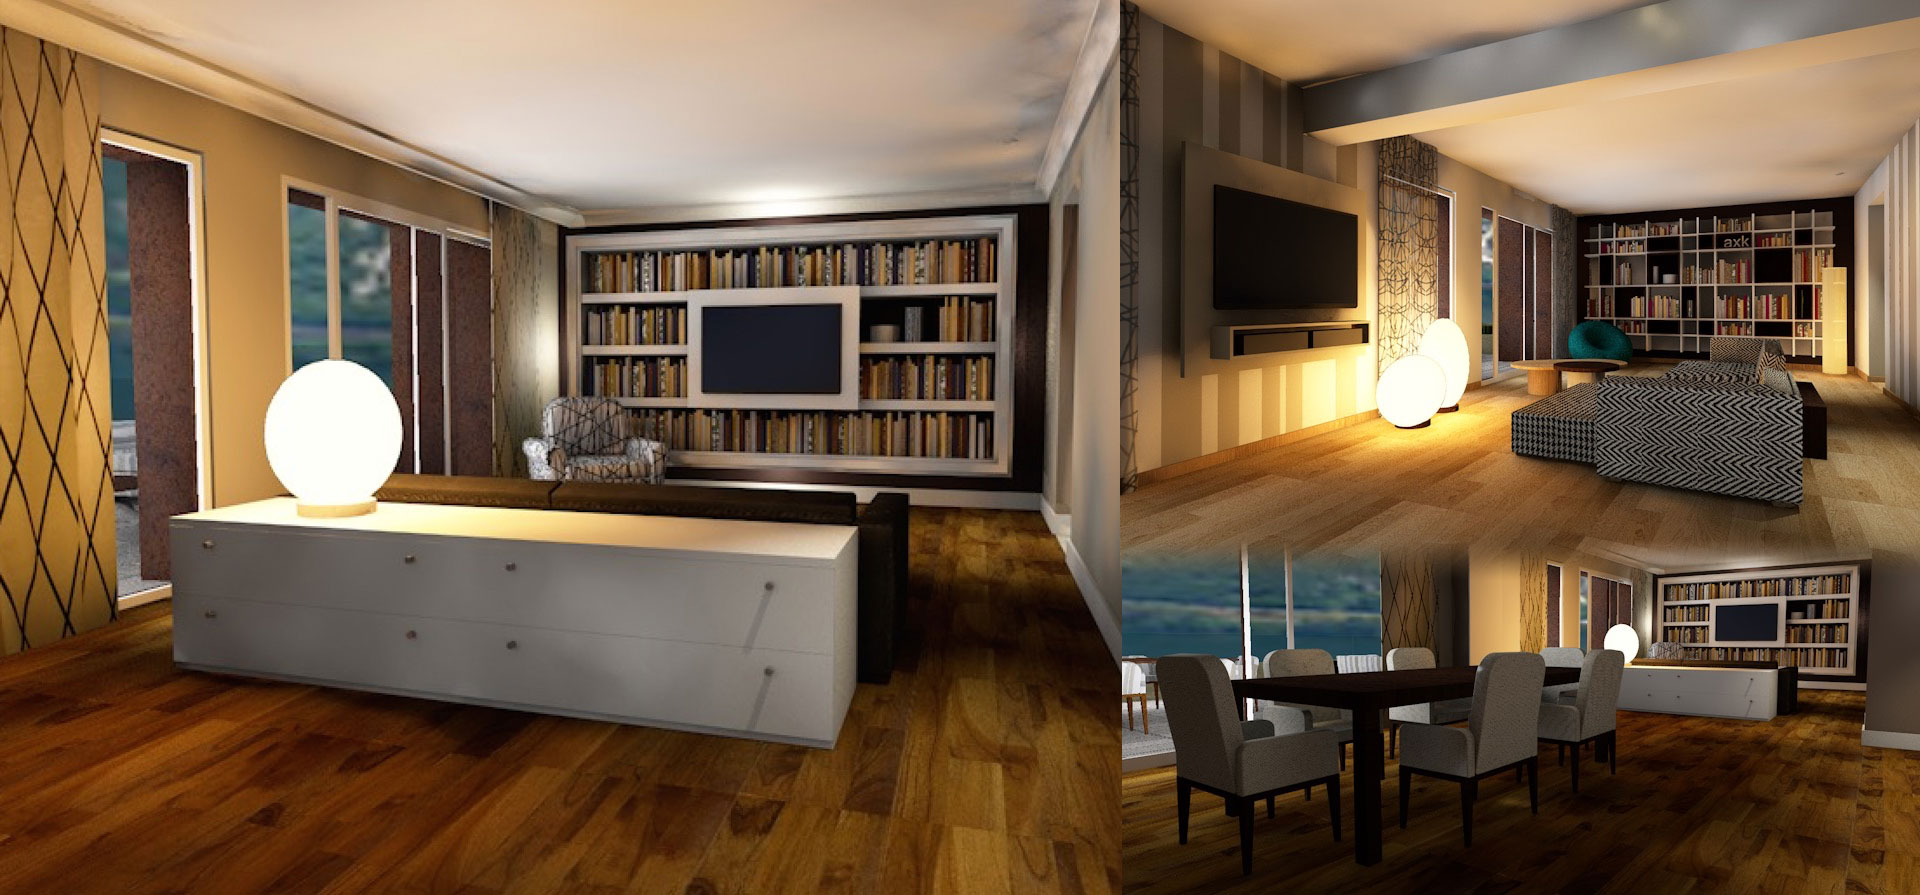 Servizi per l arredamento di interni maison du charme for Interni design